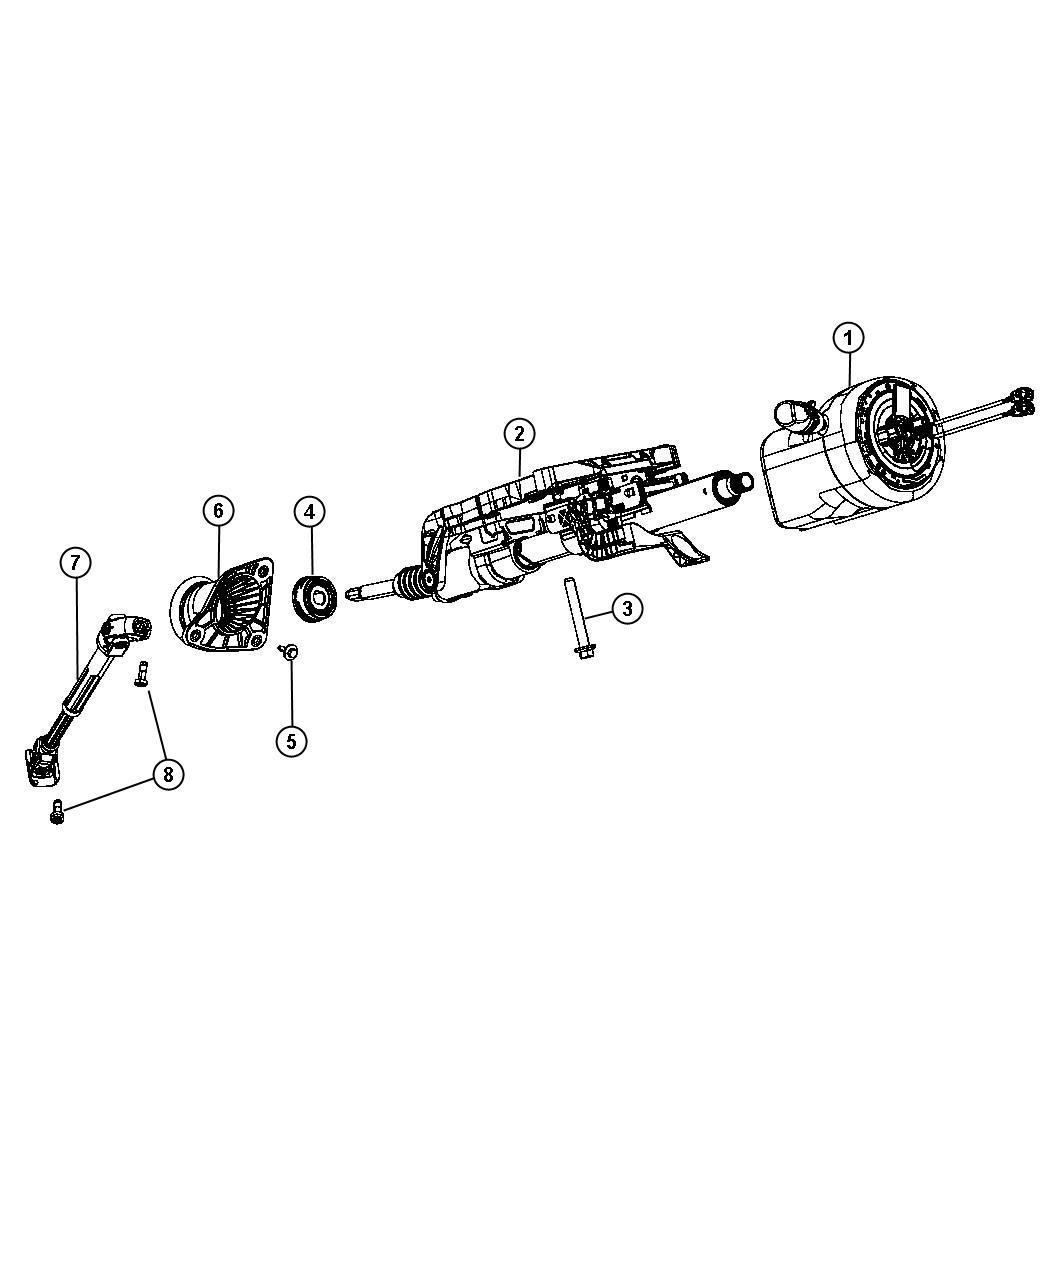 Jeep Grand Cherokee Steering Diagram